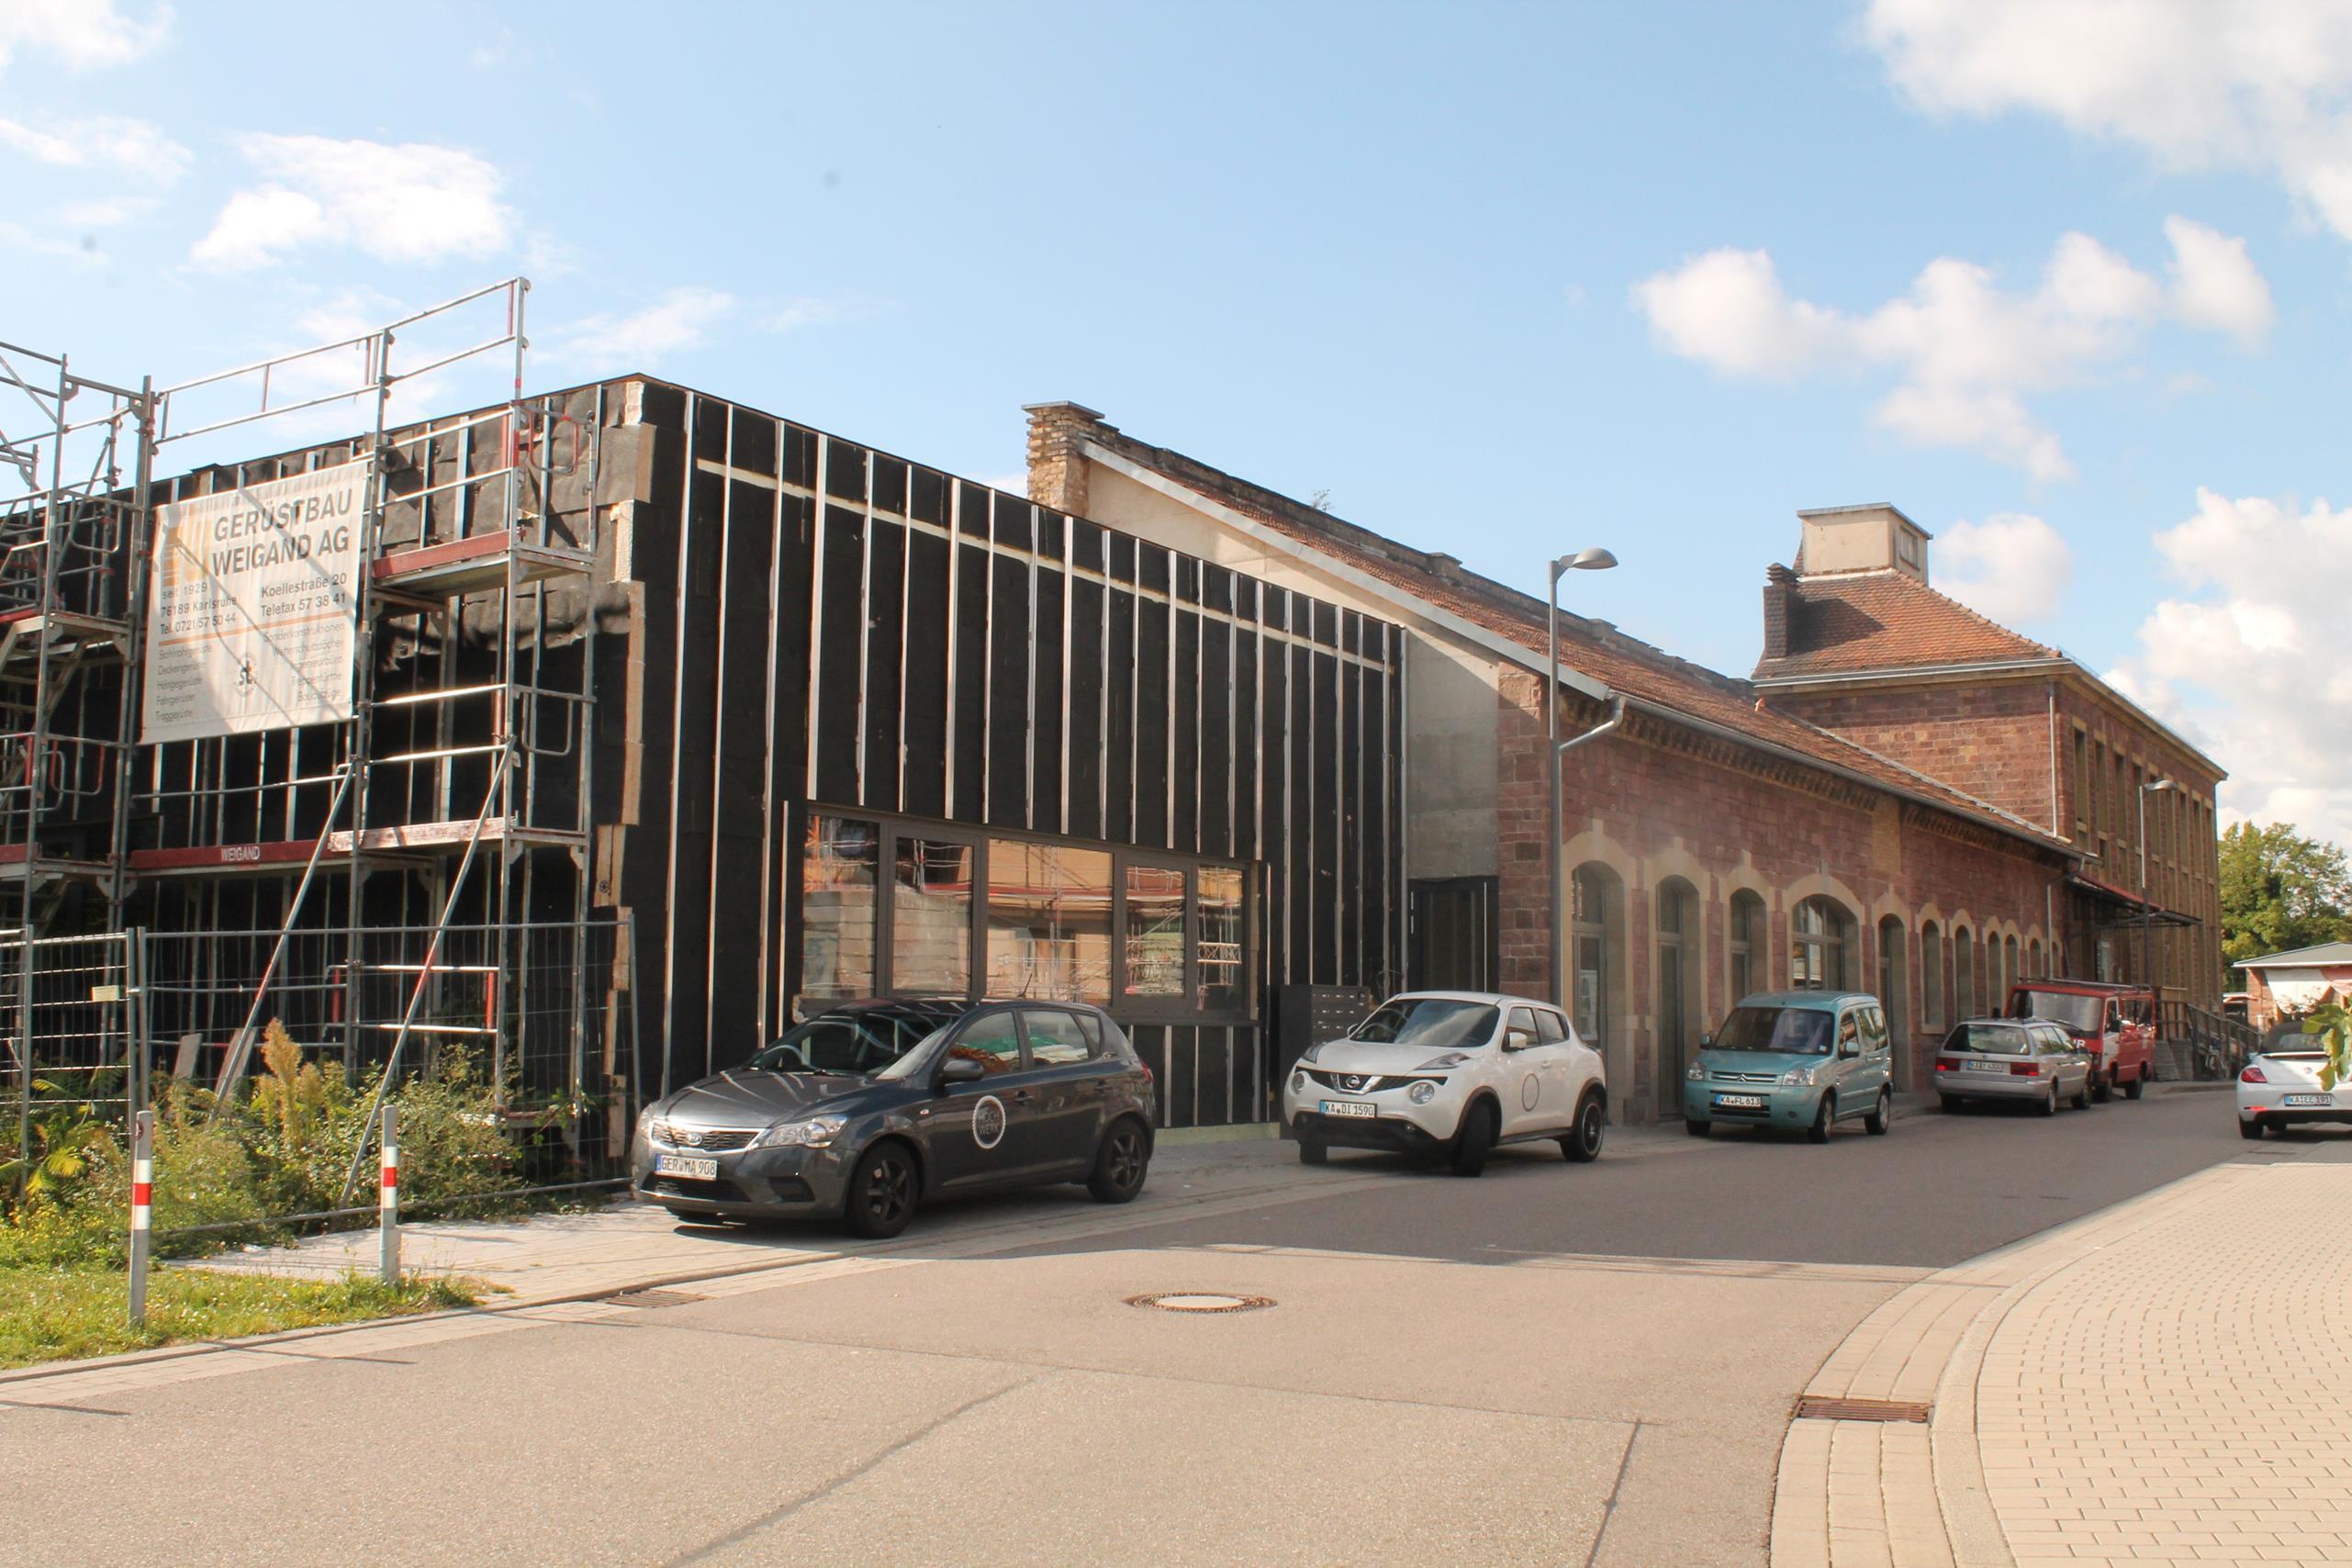 Die Großmarkthalle von außen: Trotz schwarzem Gerüst sind die Ateliers im Inneren schon bezogen! Im Hintergrund ist die Fettschmelze zu sehen.